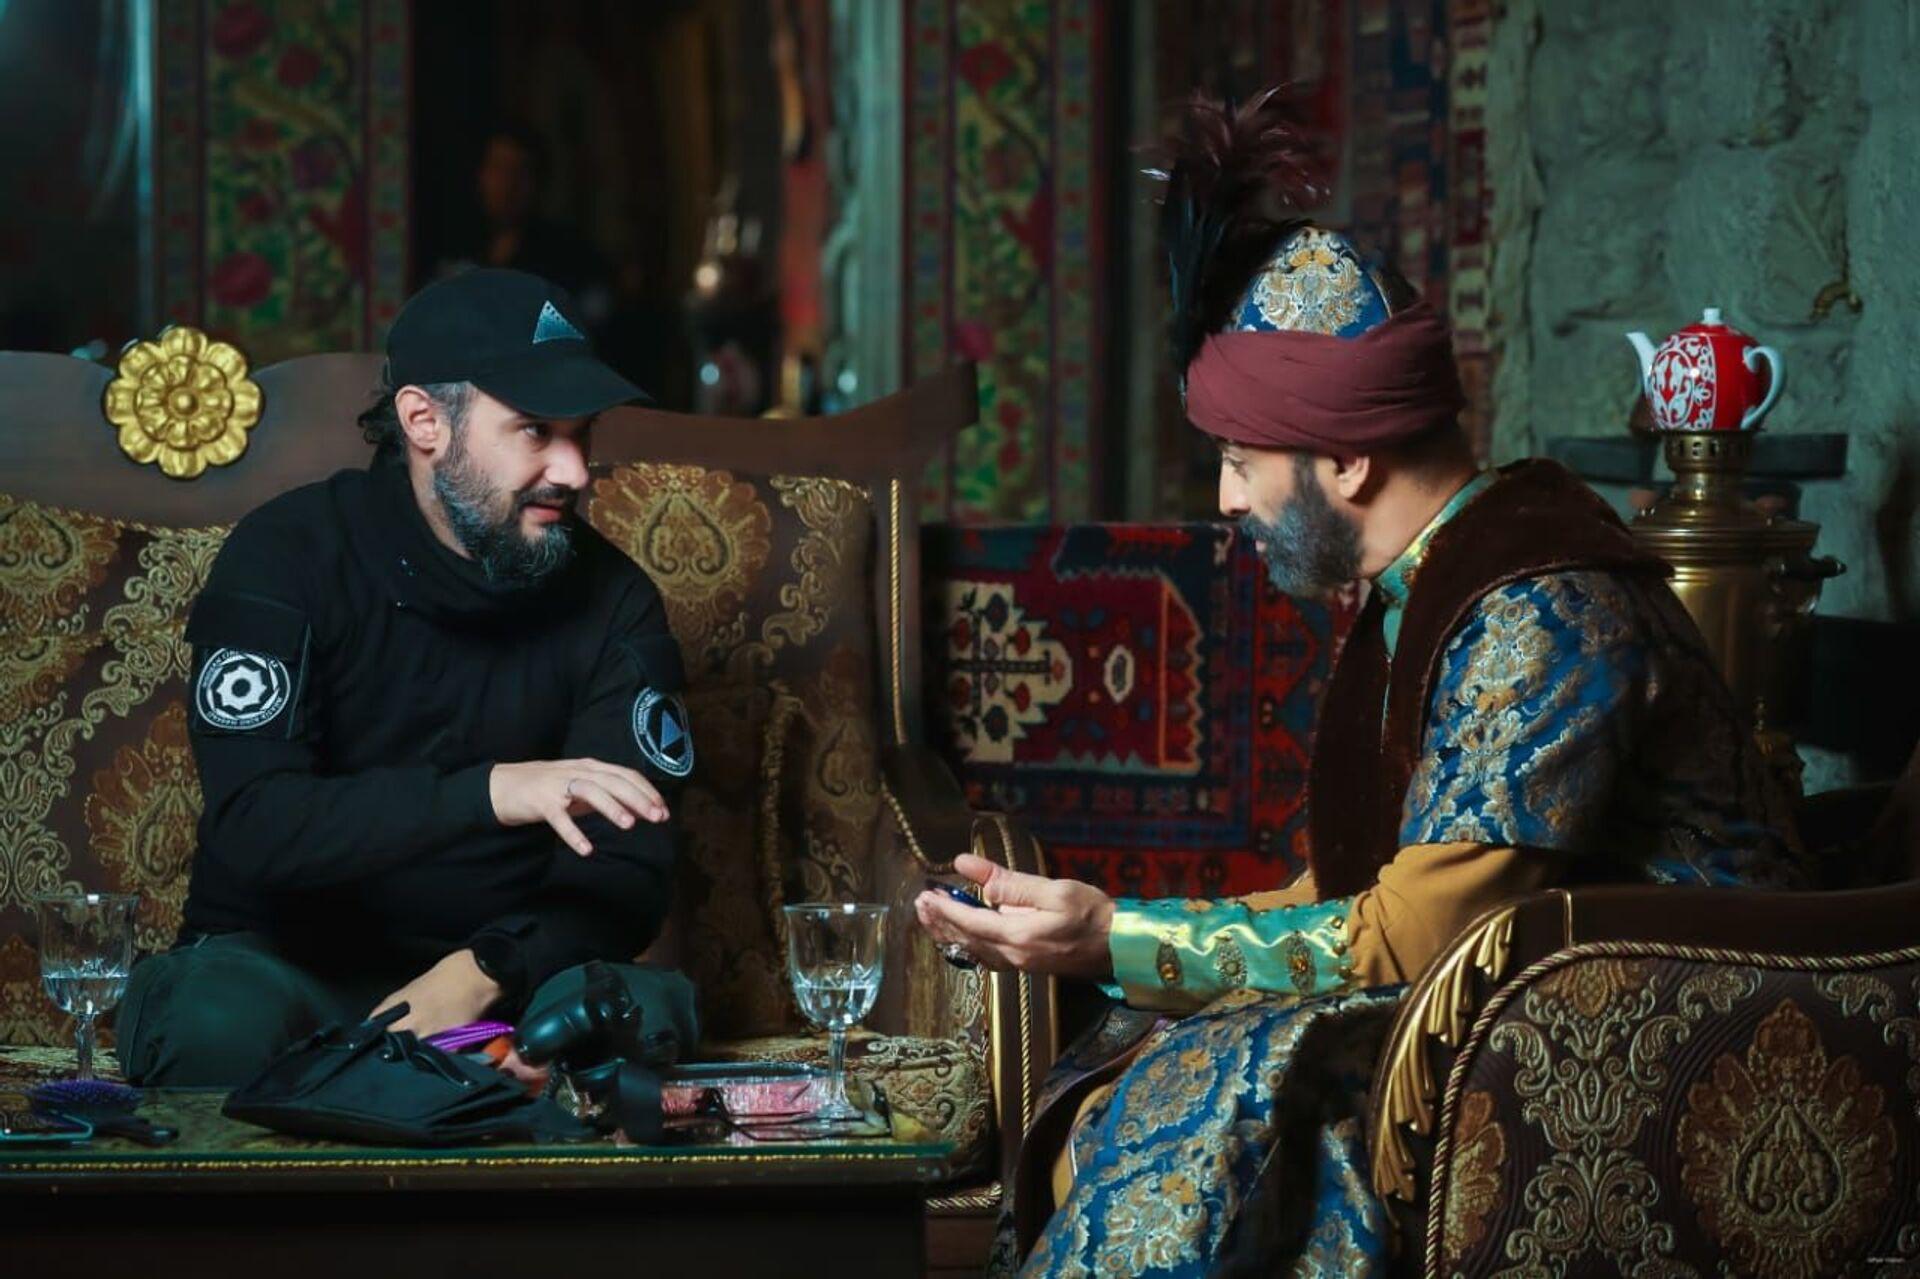 Бросила любимого ради спасения Родины: новый фильм расскажет историю принцессы Карабаха - Sputnik Азербайджан, 1920, 17.02.2021